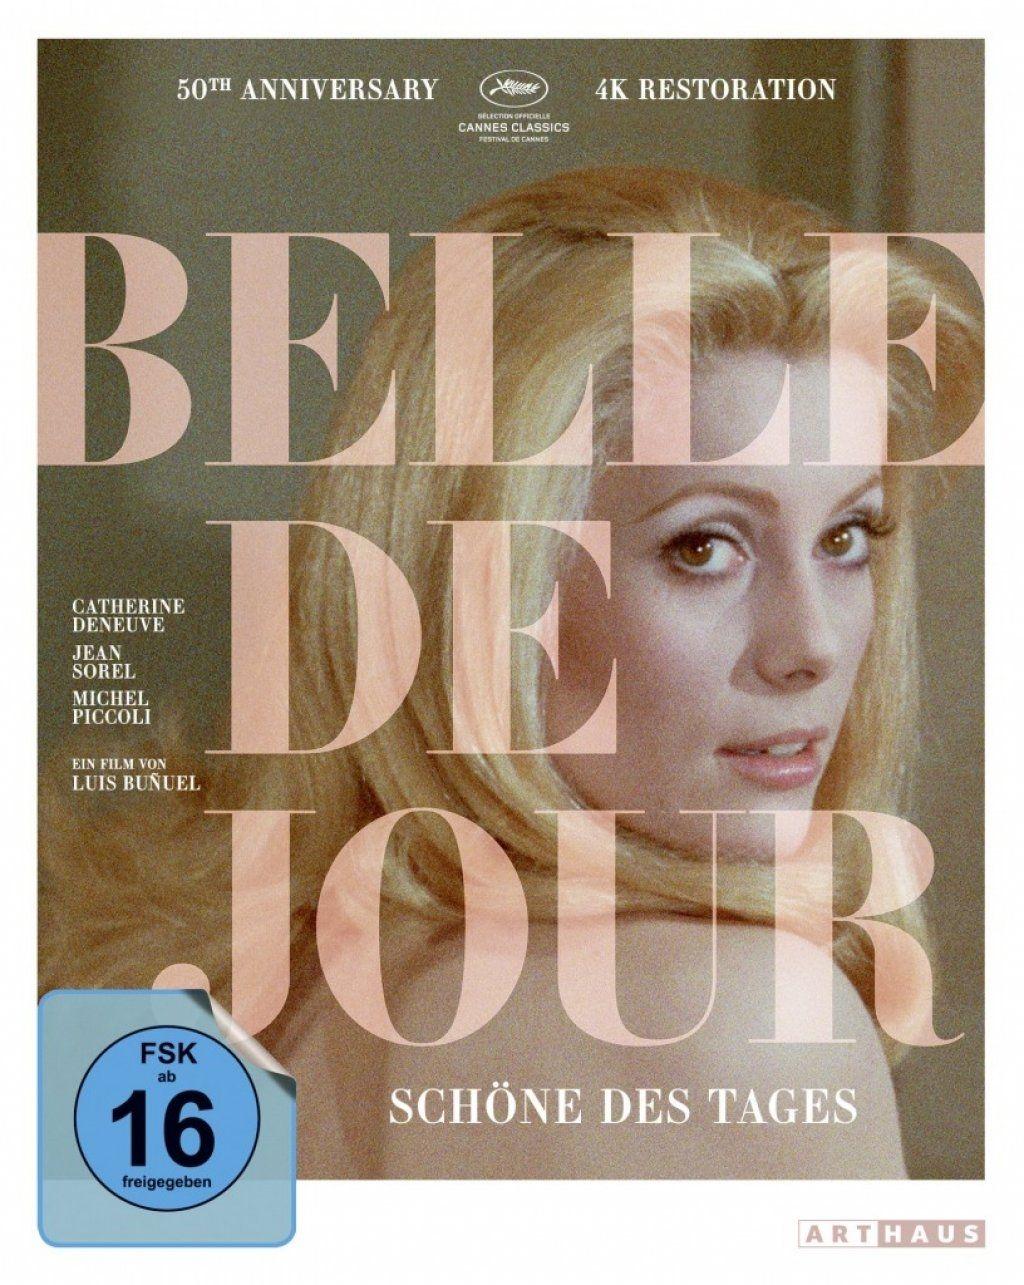 Belle de Jour - Schöne des Tages (50th Anniversary Edition) (Digital Remastered) (BLURAY)